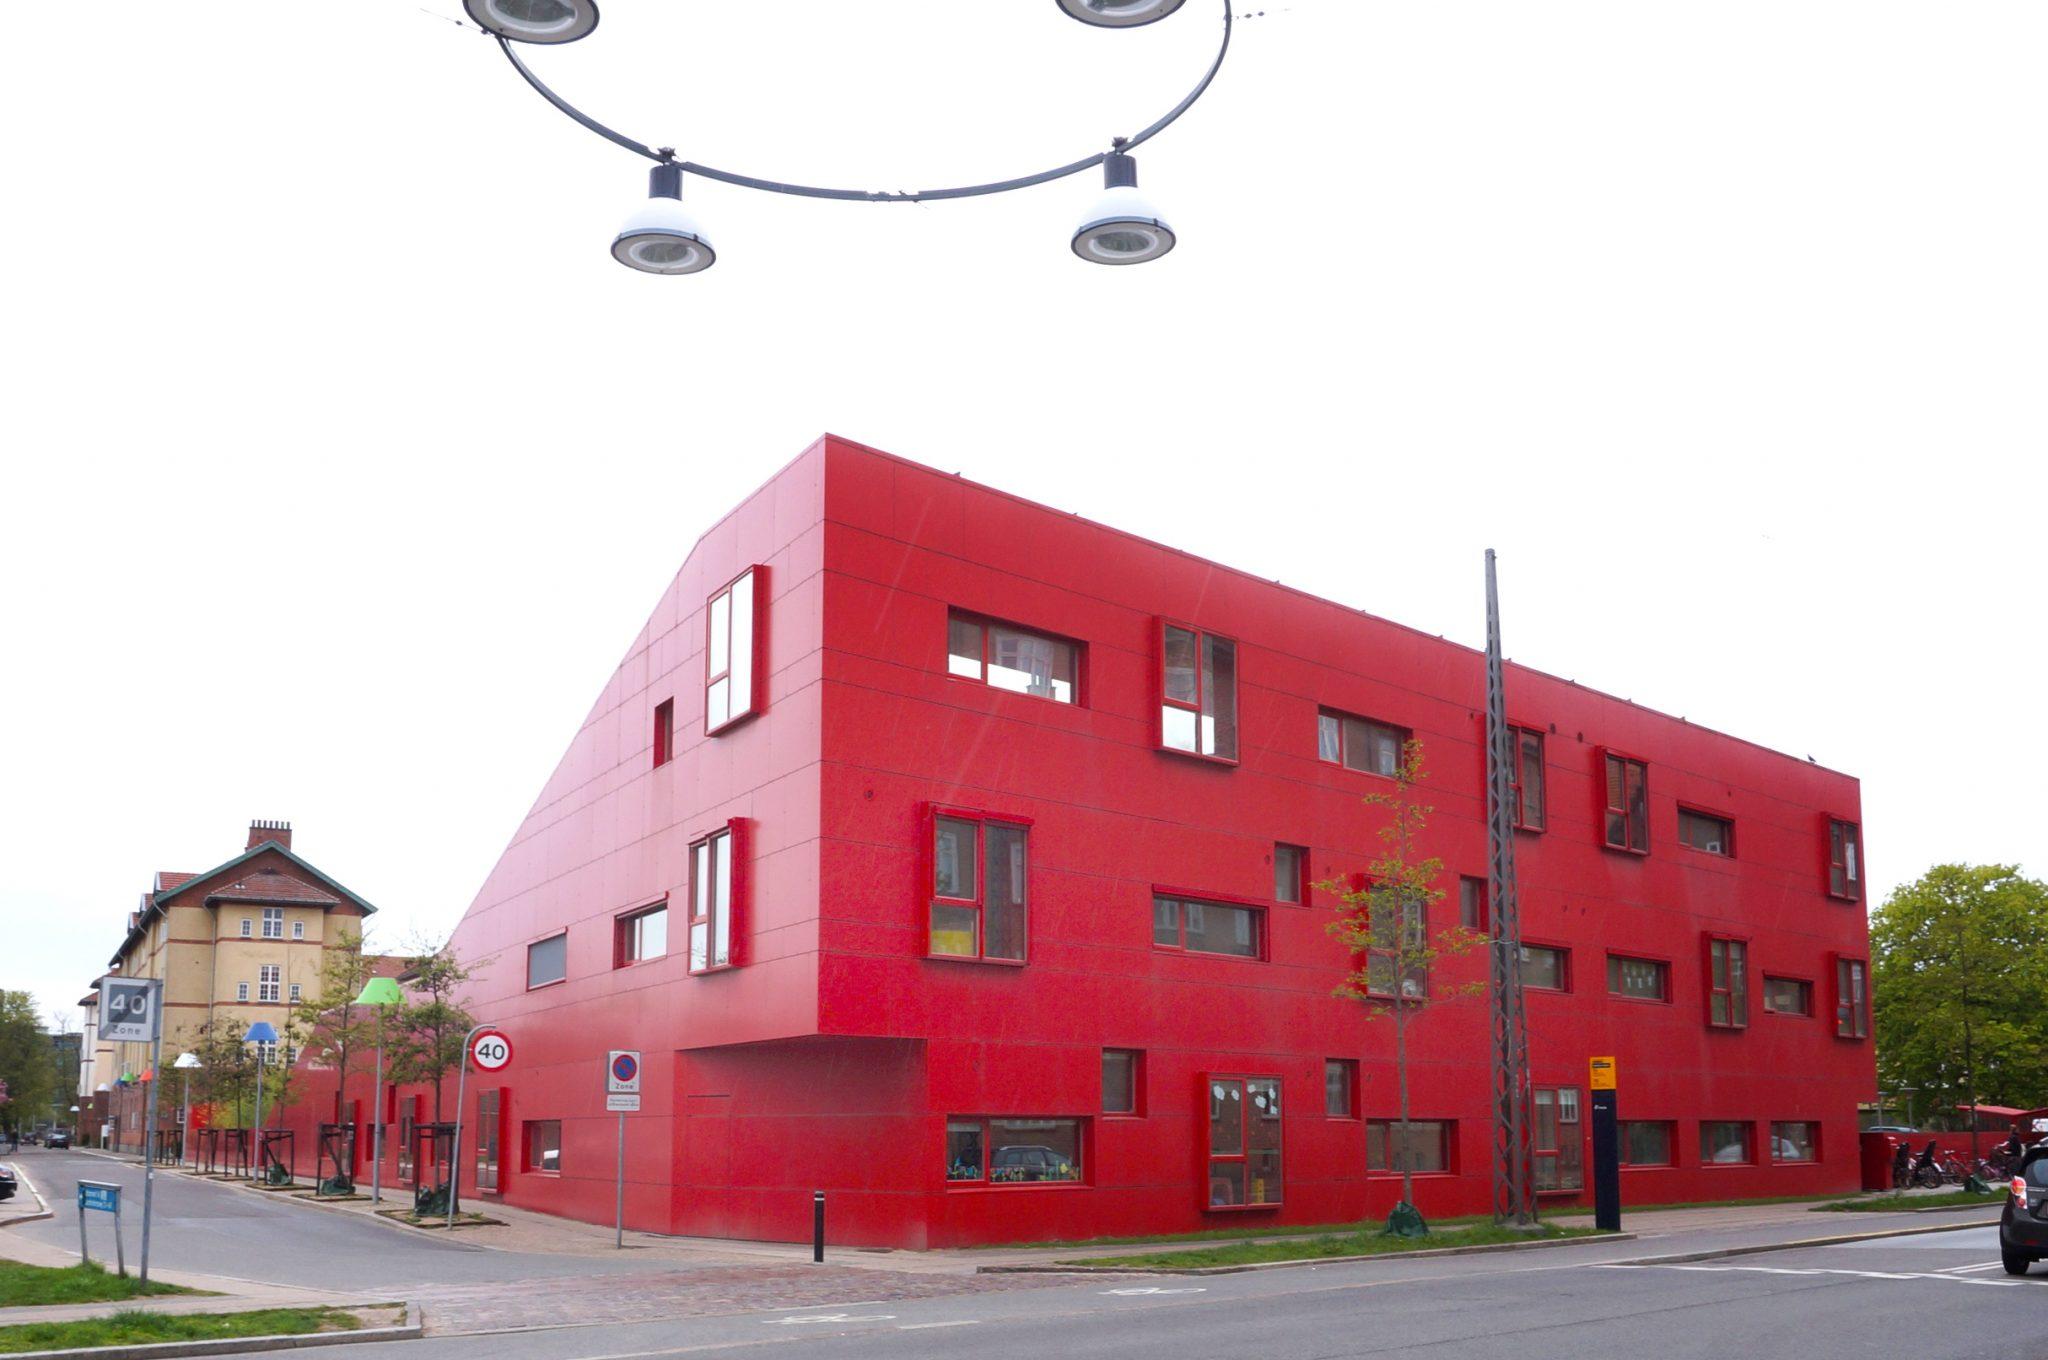 DSC04138 - Kopenhaga - Architour